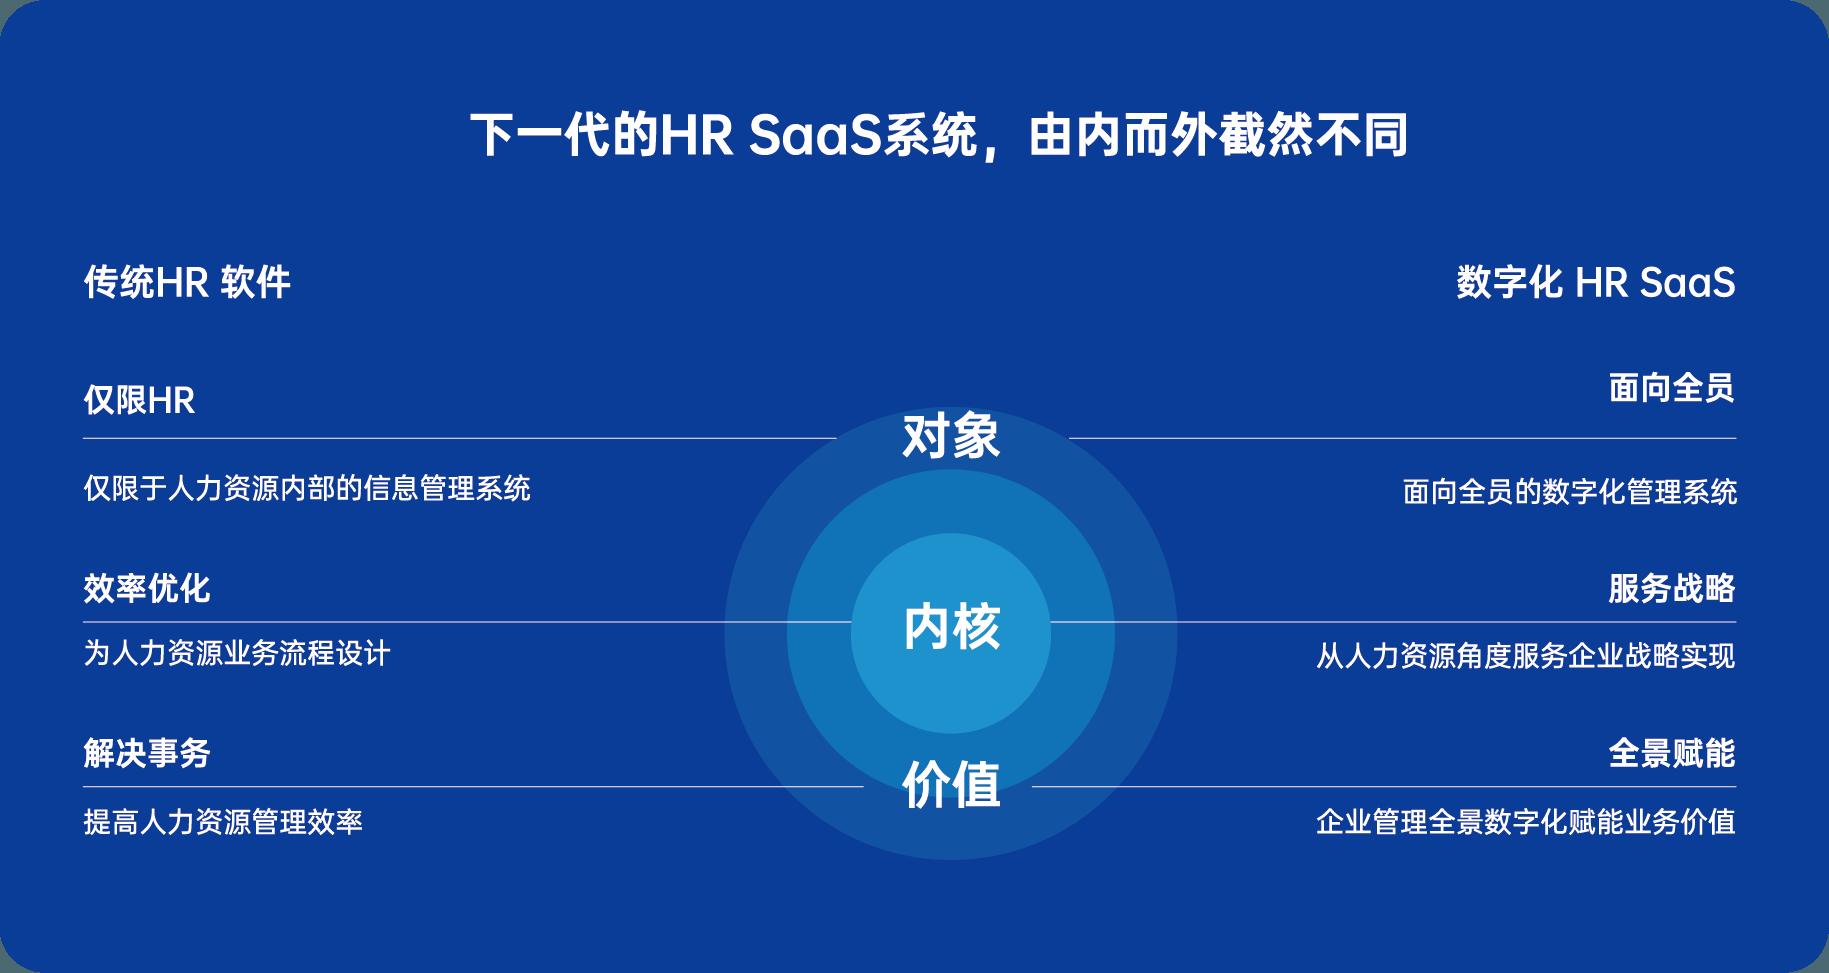 HR SaaS系统.png